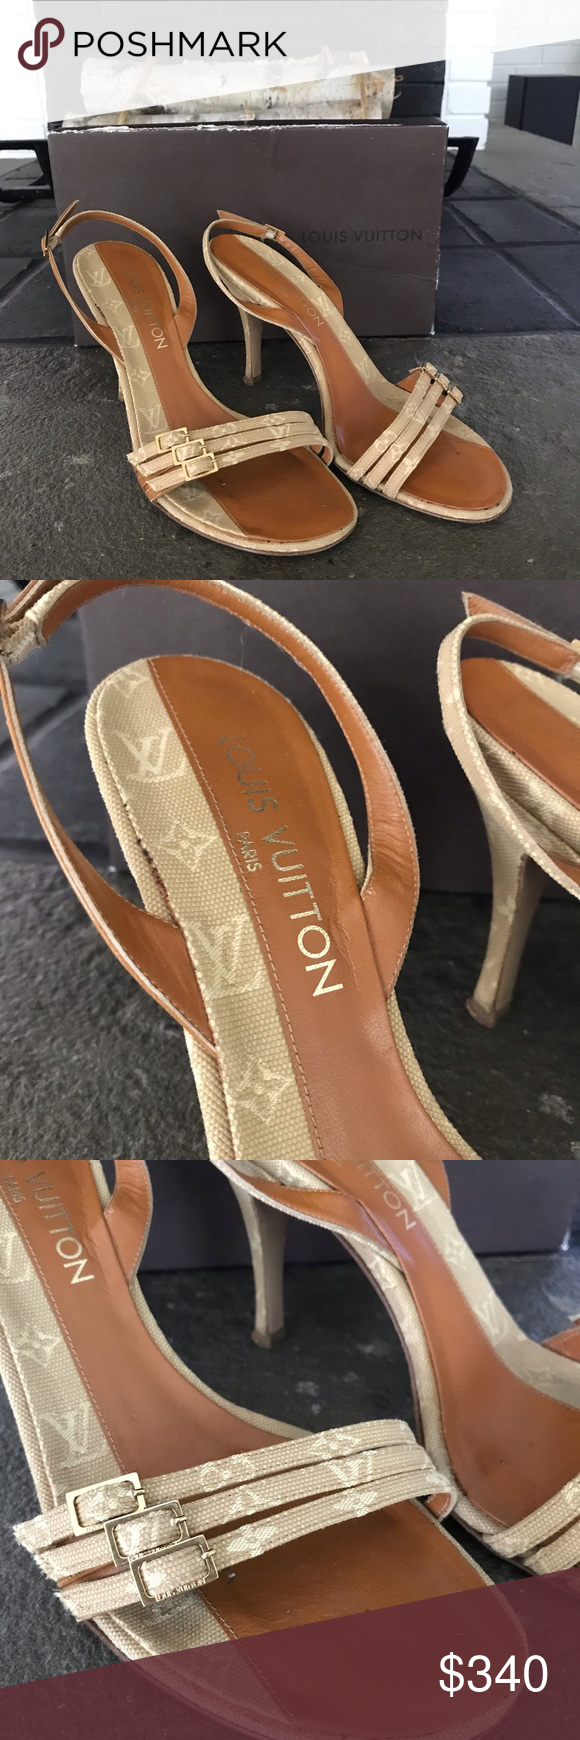 Authentic Louis Vuitton Monogram Sandal Heels Worn a ...